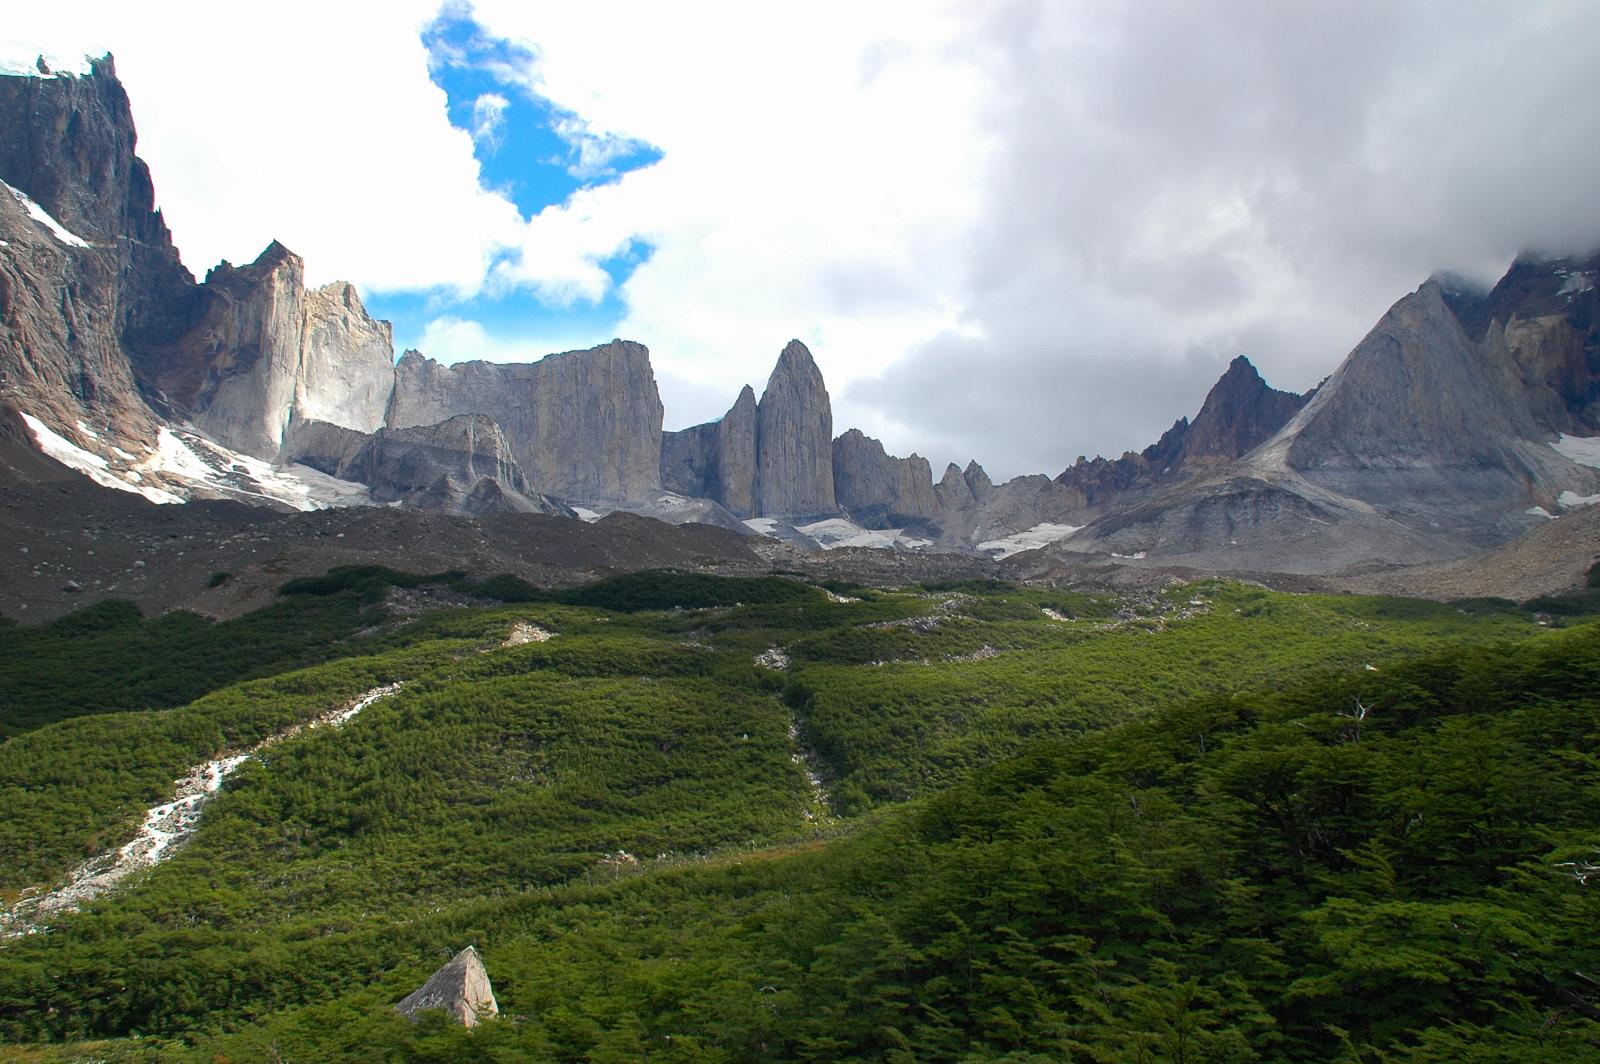 Mirador Británico, voor sommigen hét hoogtepunt van de ultieme W-Trek in Torres del Paine Nationaal Park